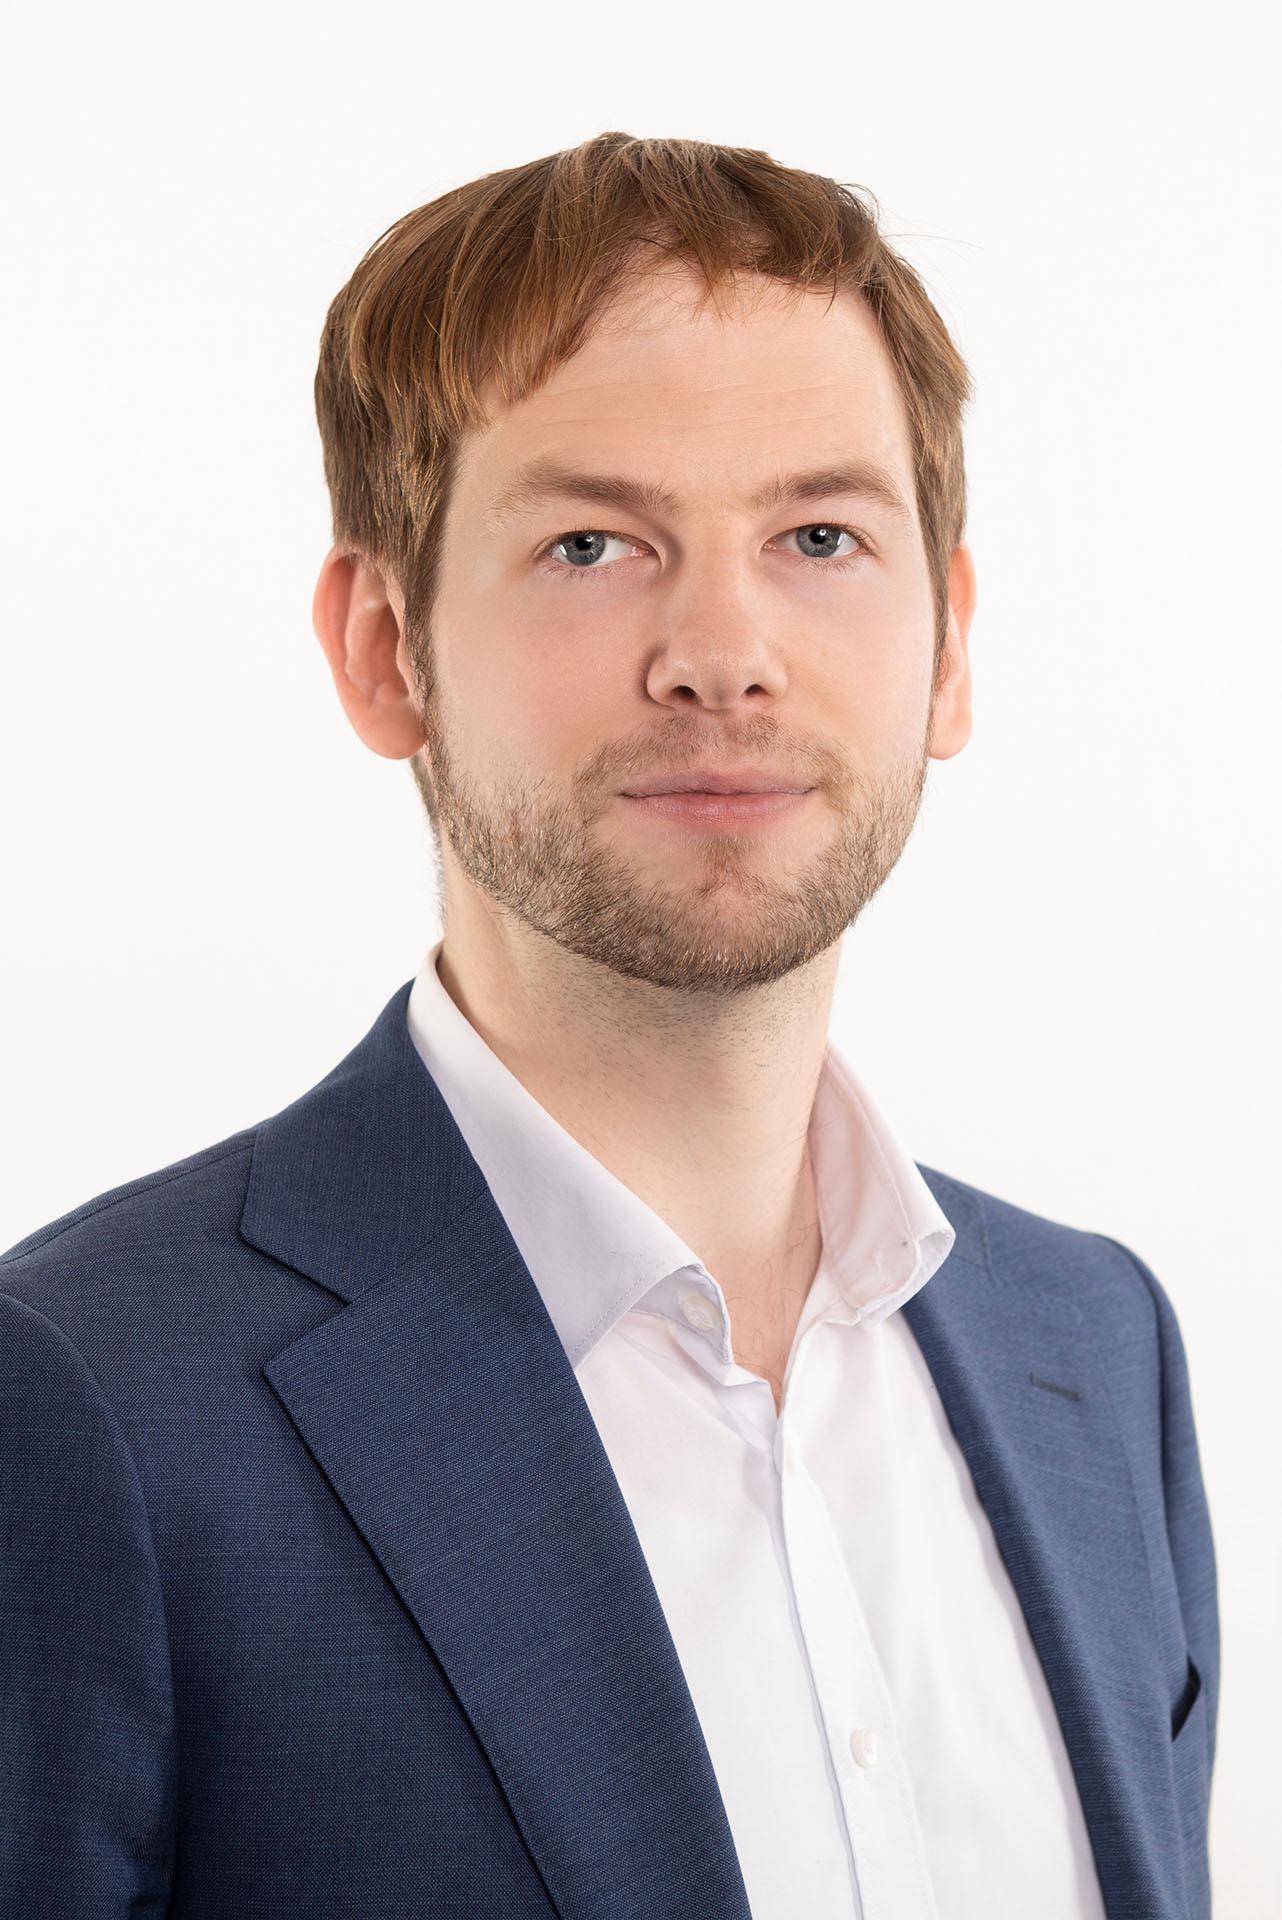 Tobias Schliemann, Fachanwalt für Arbeitsrecht